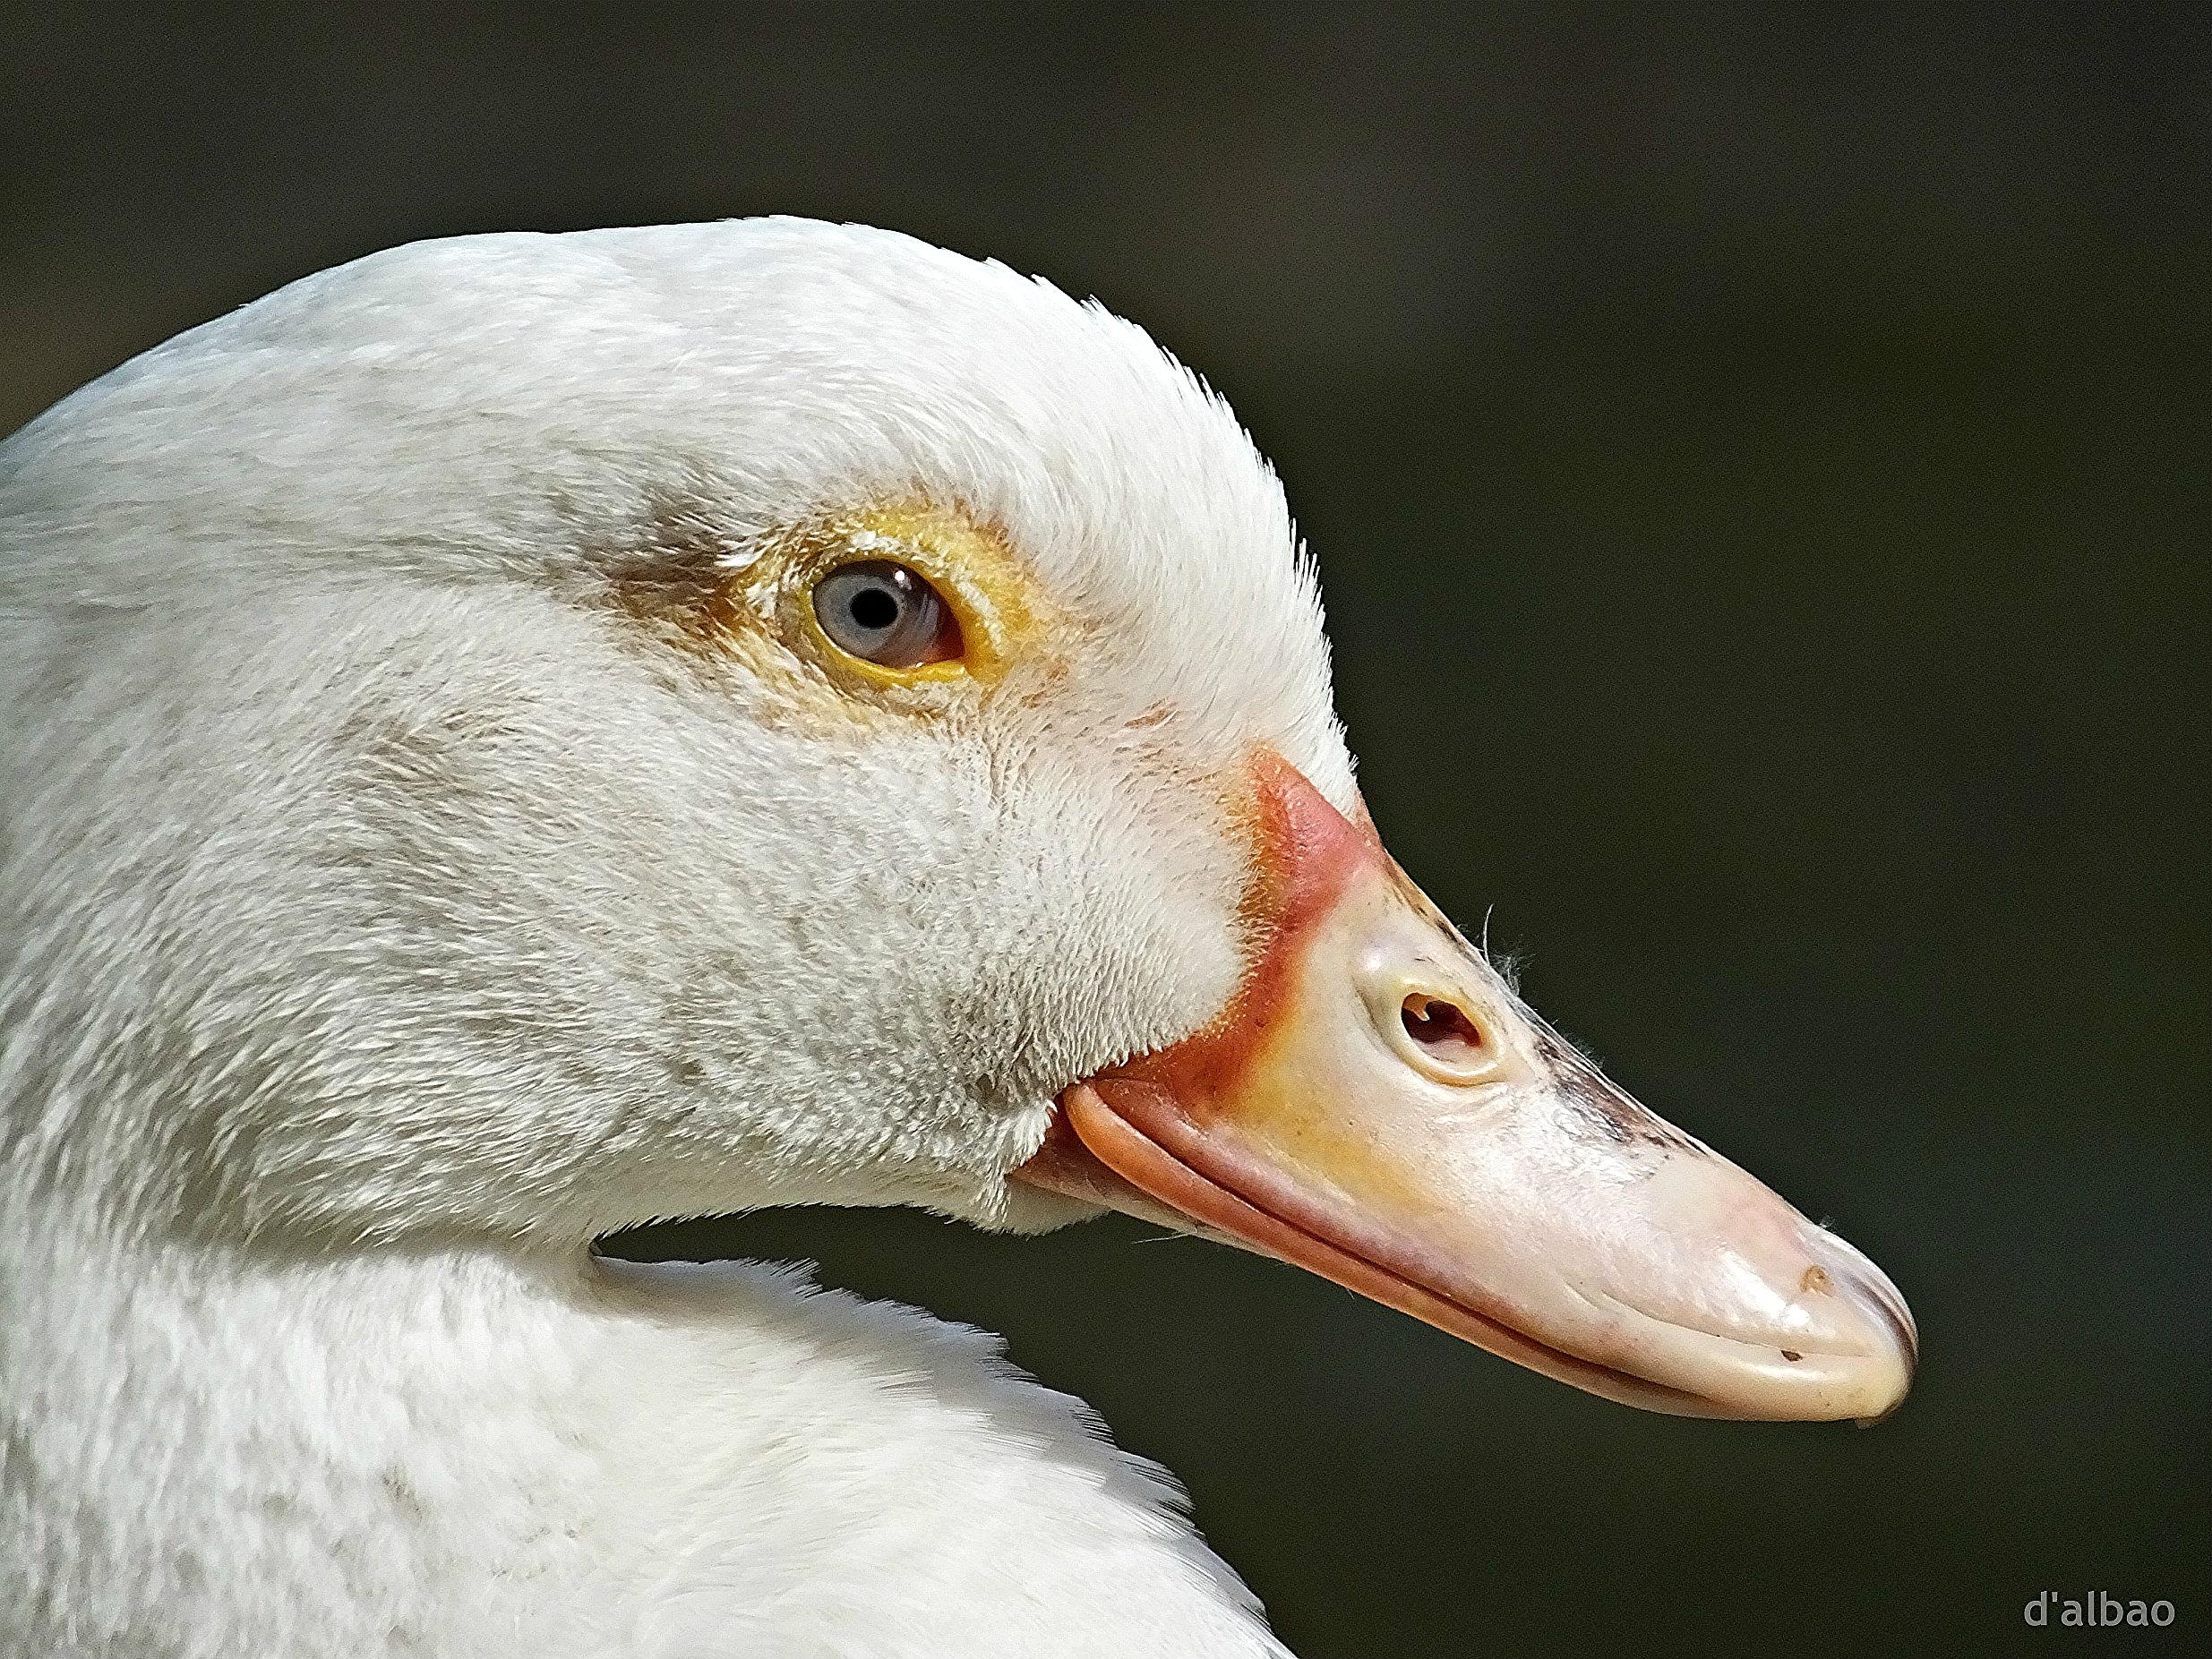 Wallpaper Putih Profil Bulu Margasatwa Bebek Paruh